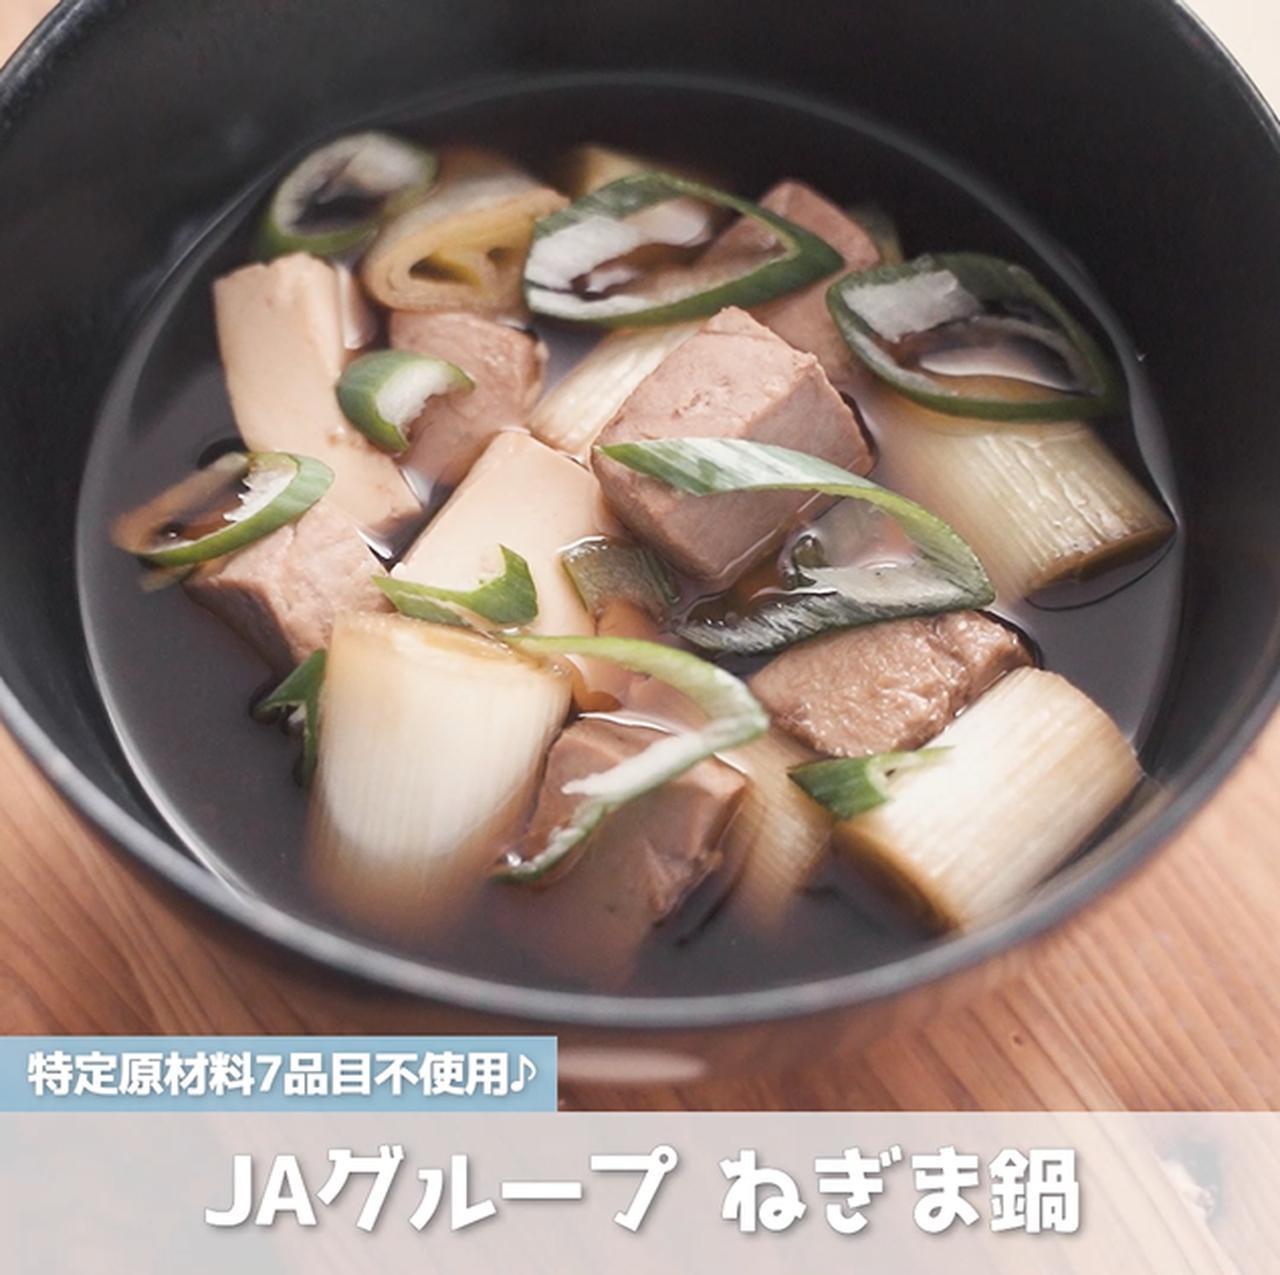 画像: 簡単ねぎとまぐろで作るねぎま鍋 - 君とごはん